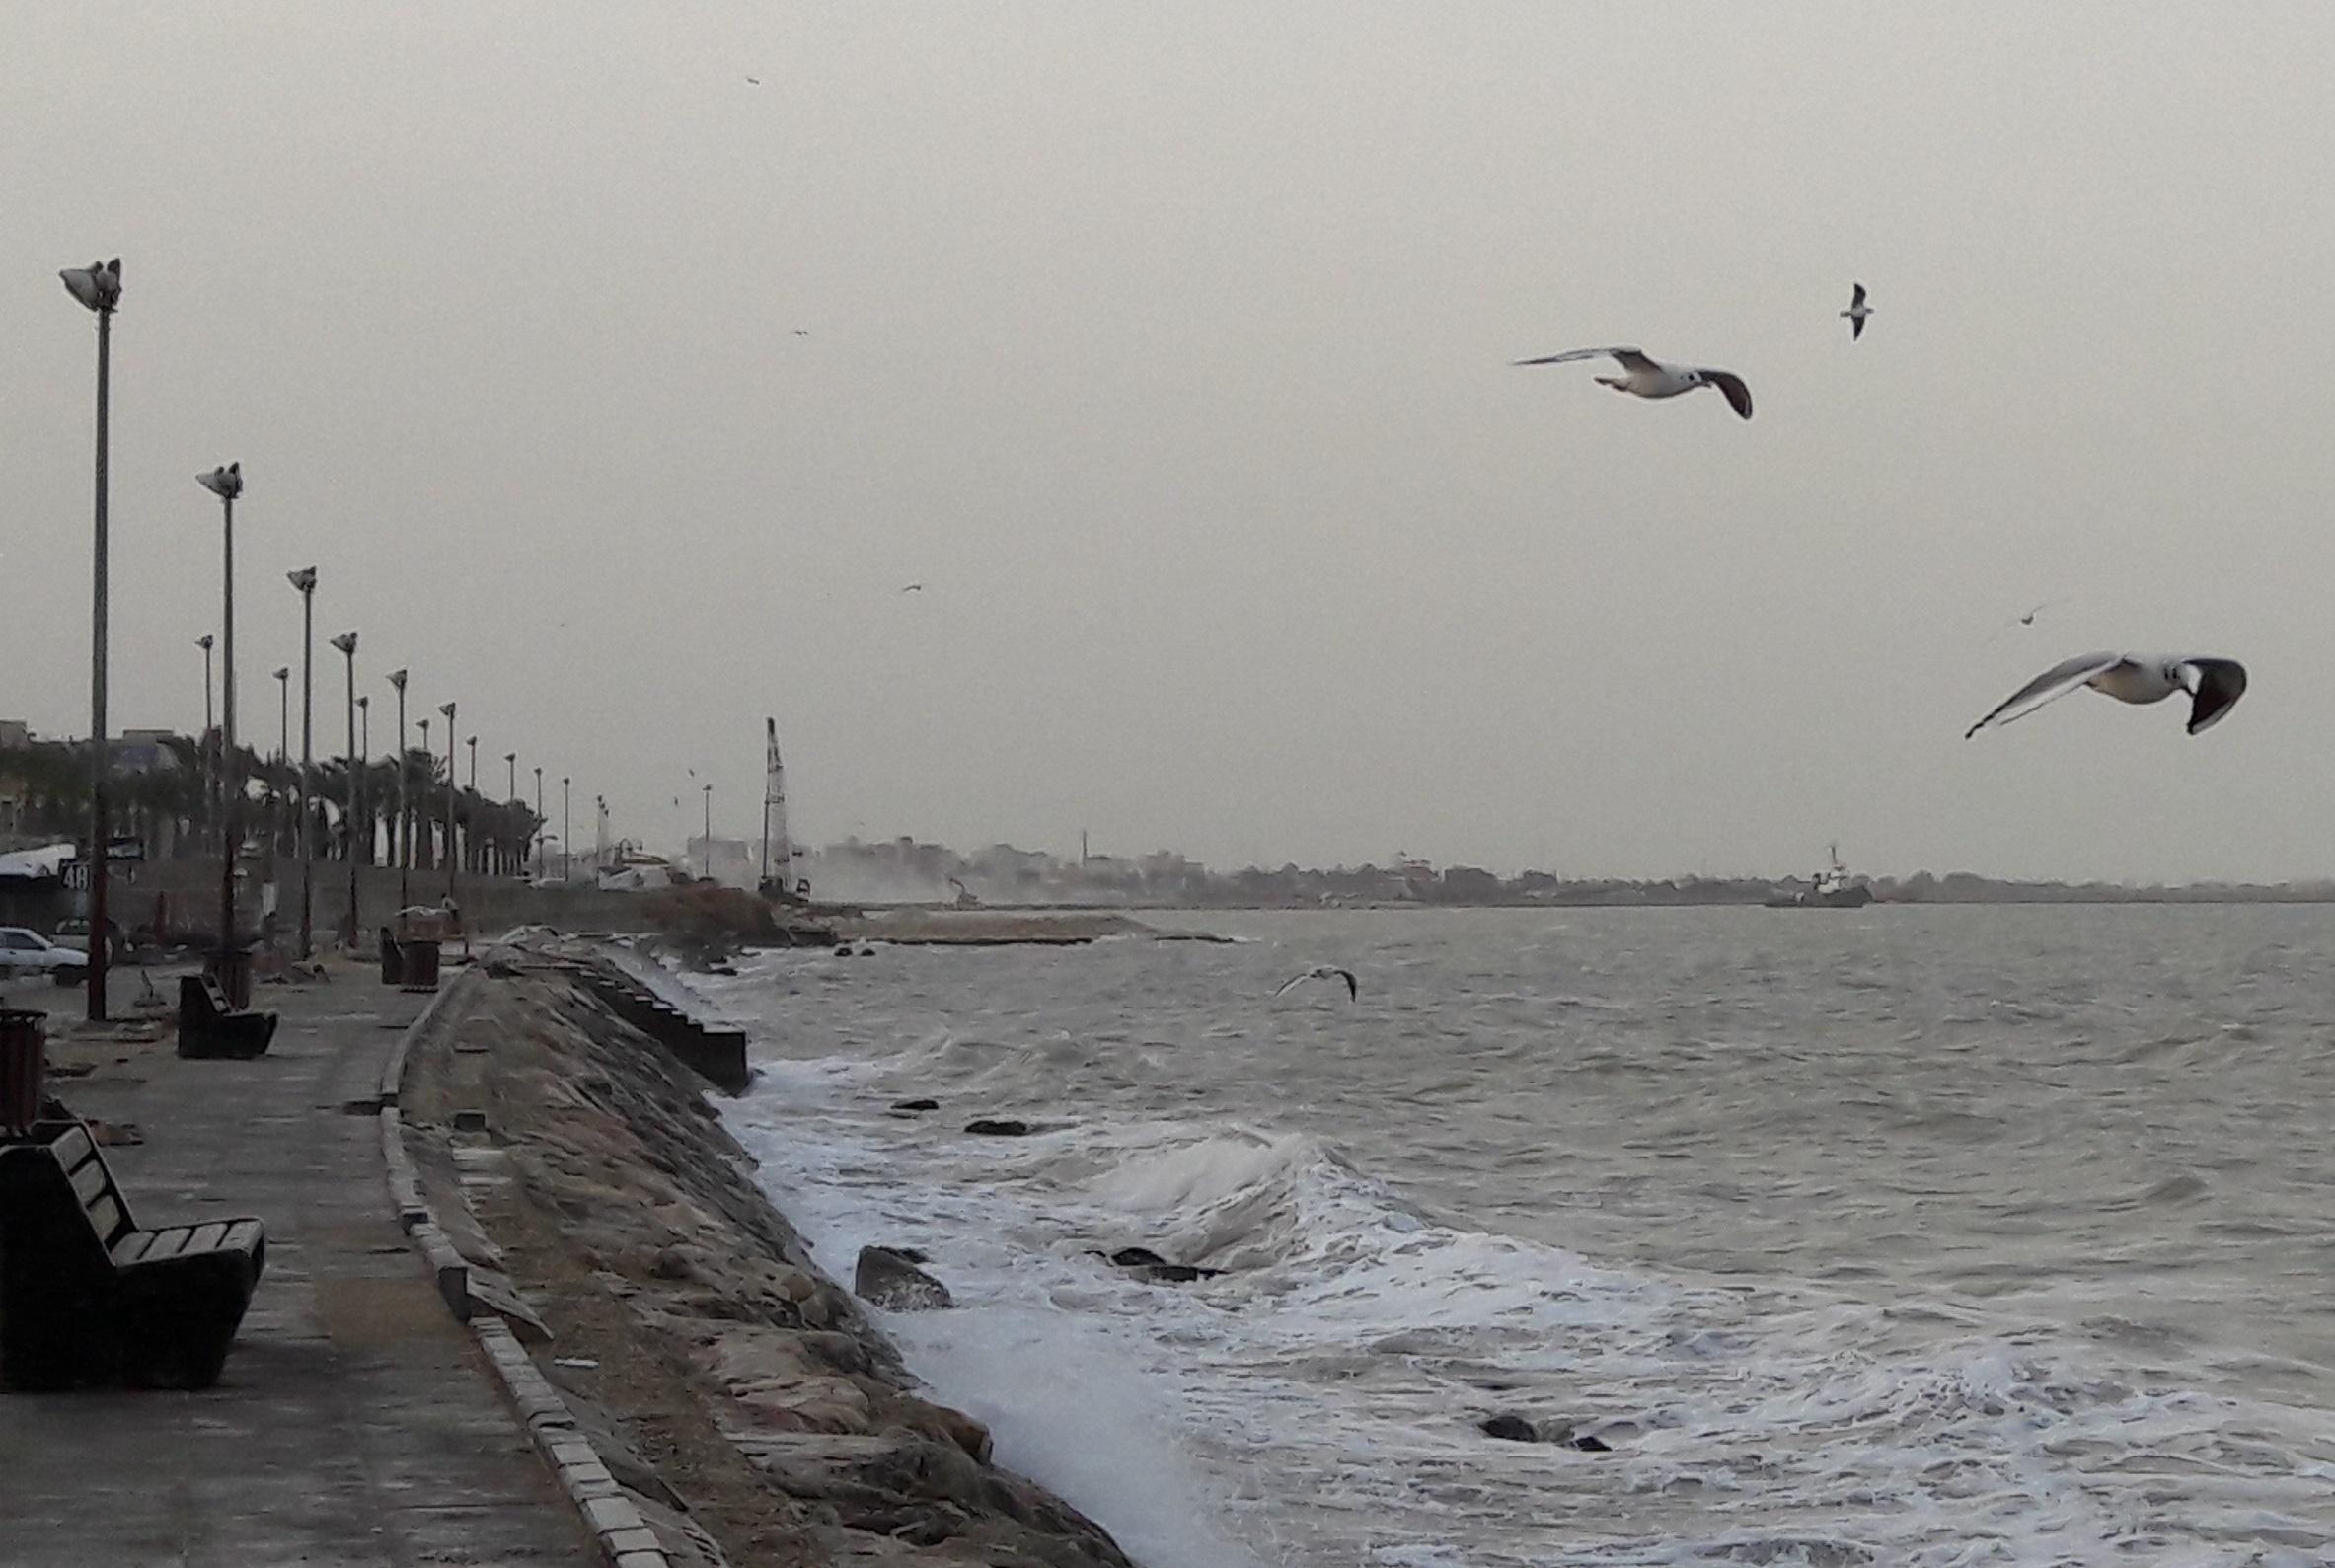 دما کاهش یافت، خلیج فارس مواج شد